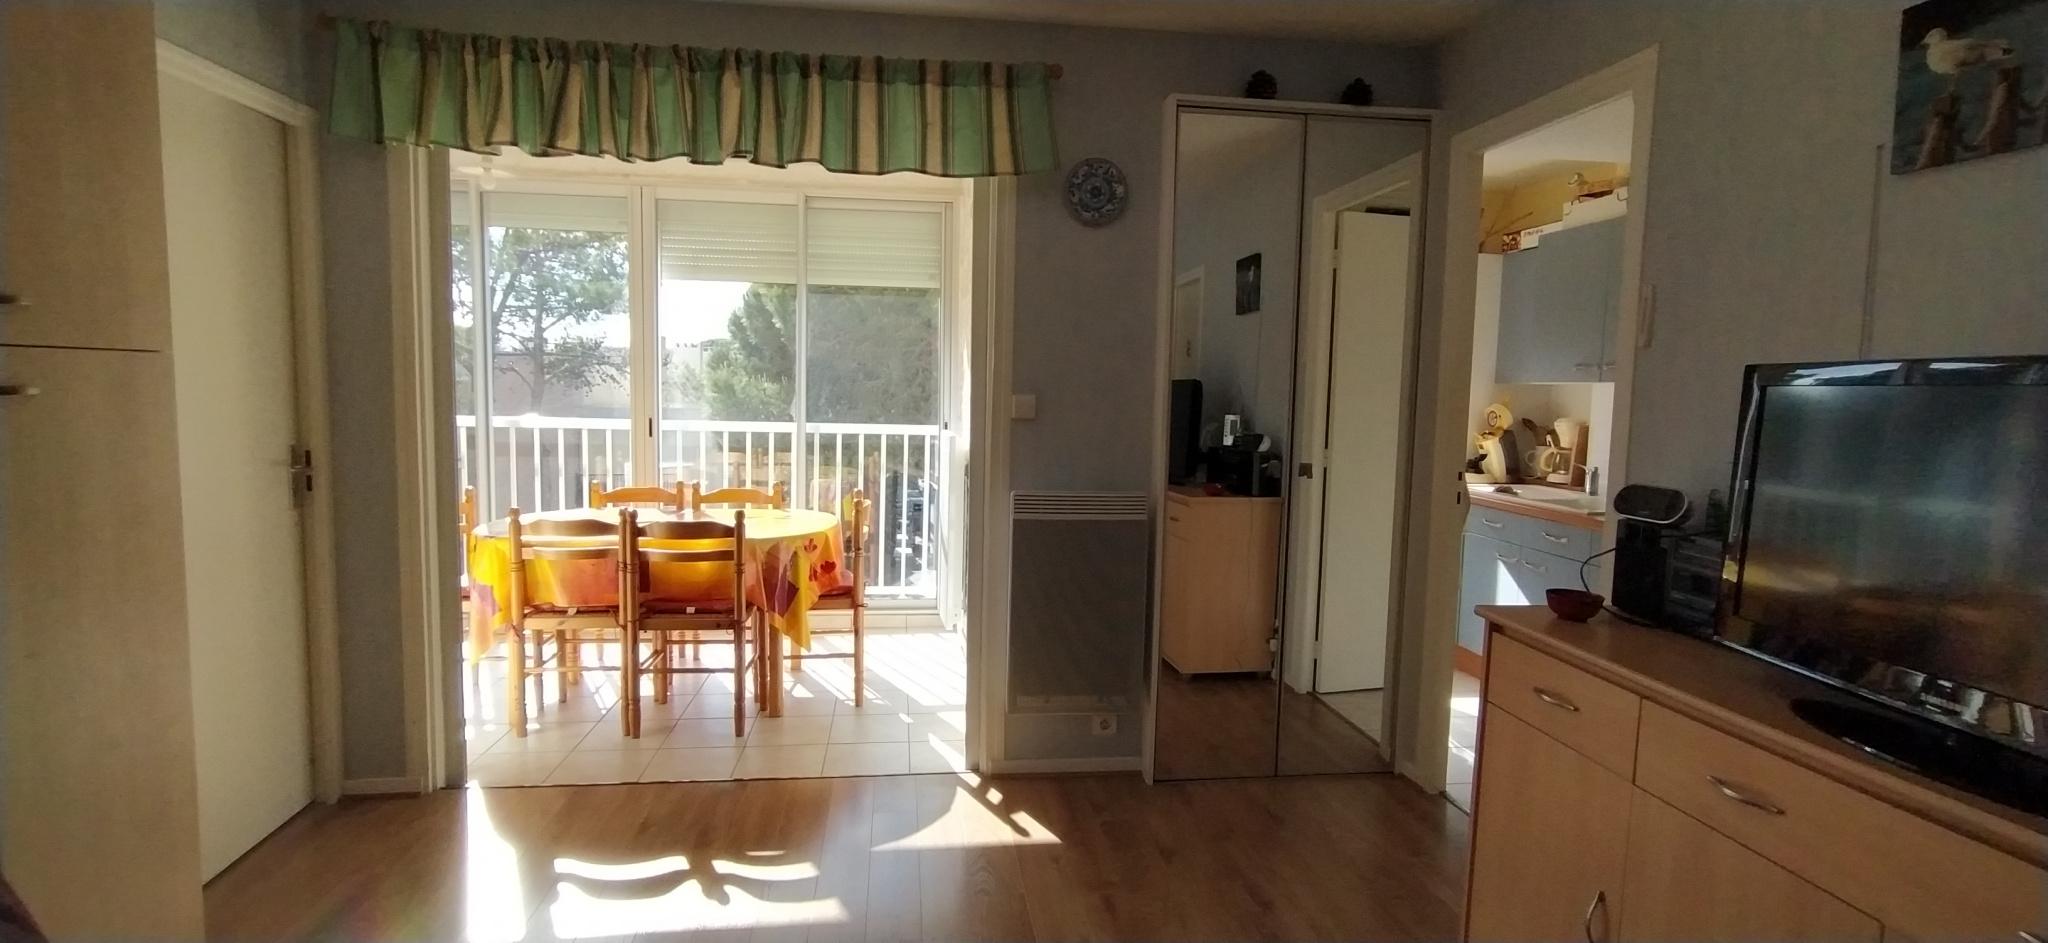 À vendre appartement de 45m2 à argeles sur mer (66700) - Photo 2'